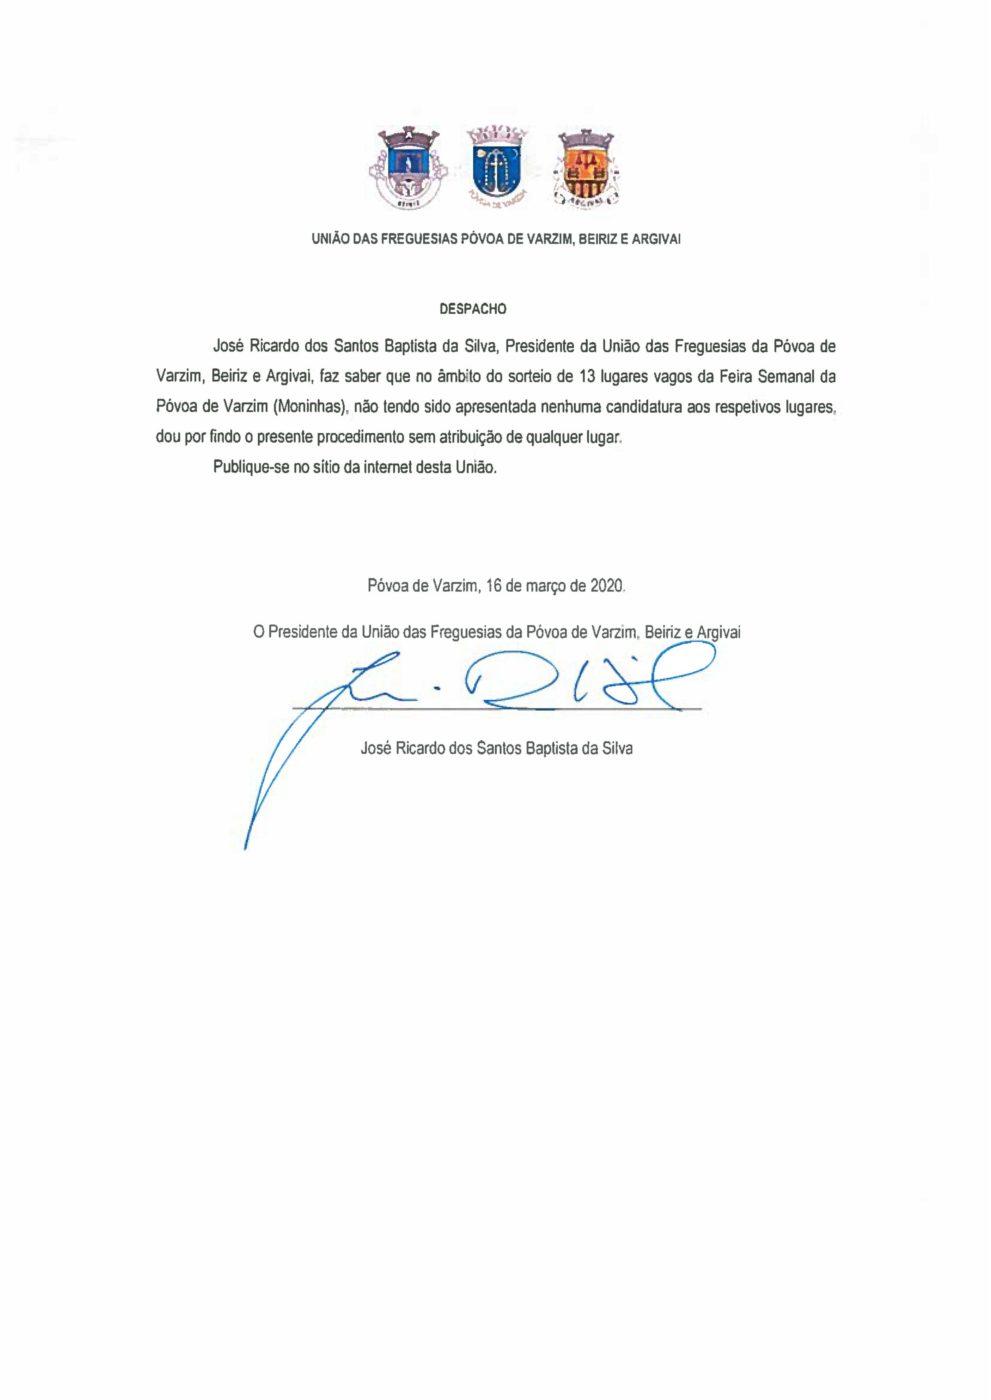 Desp. Assinado